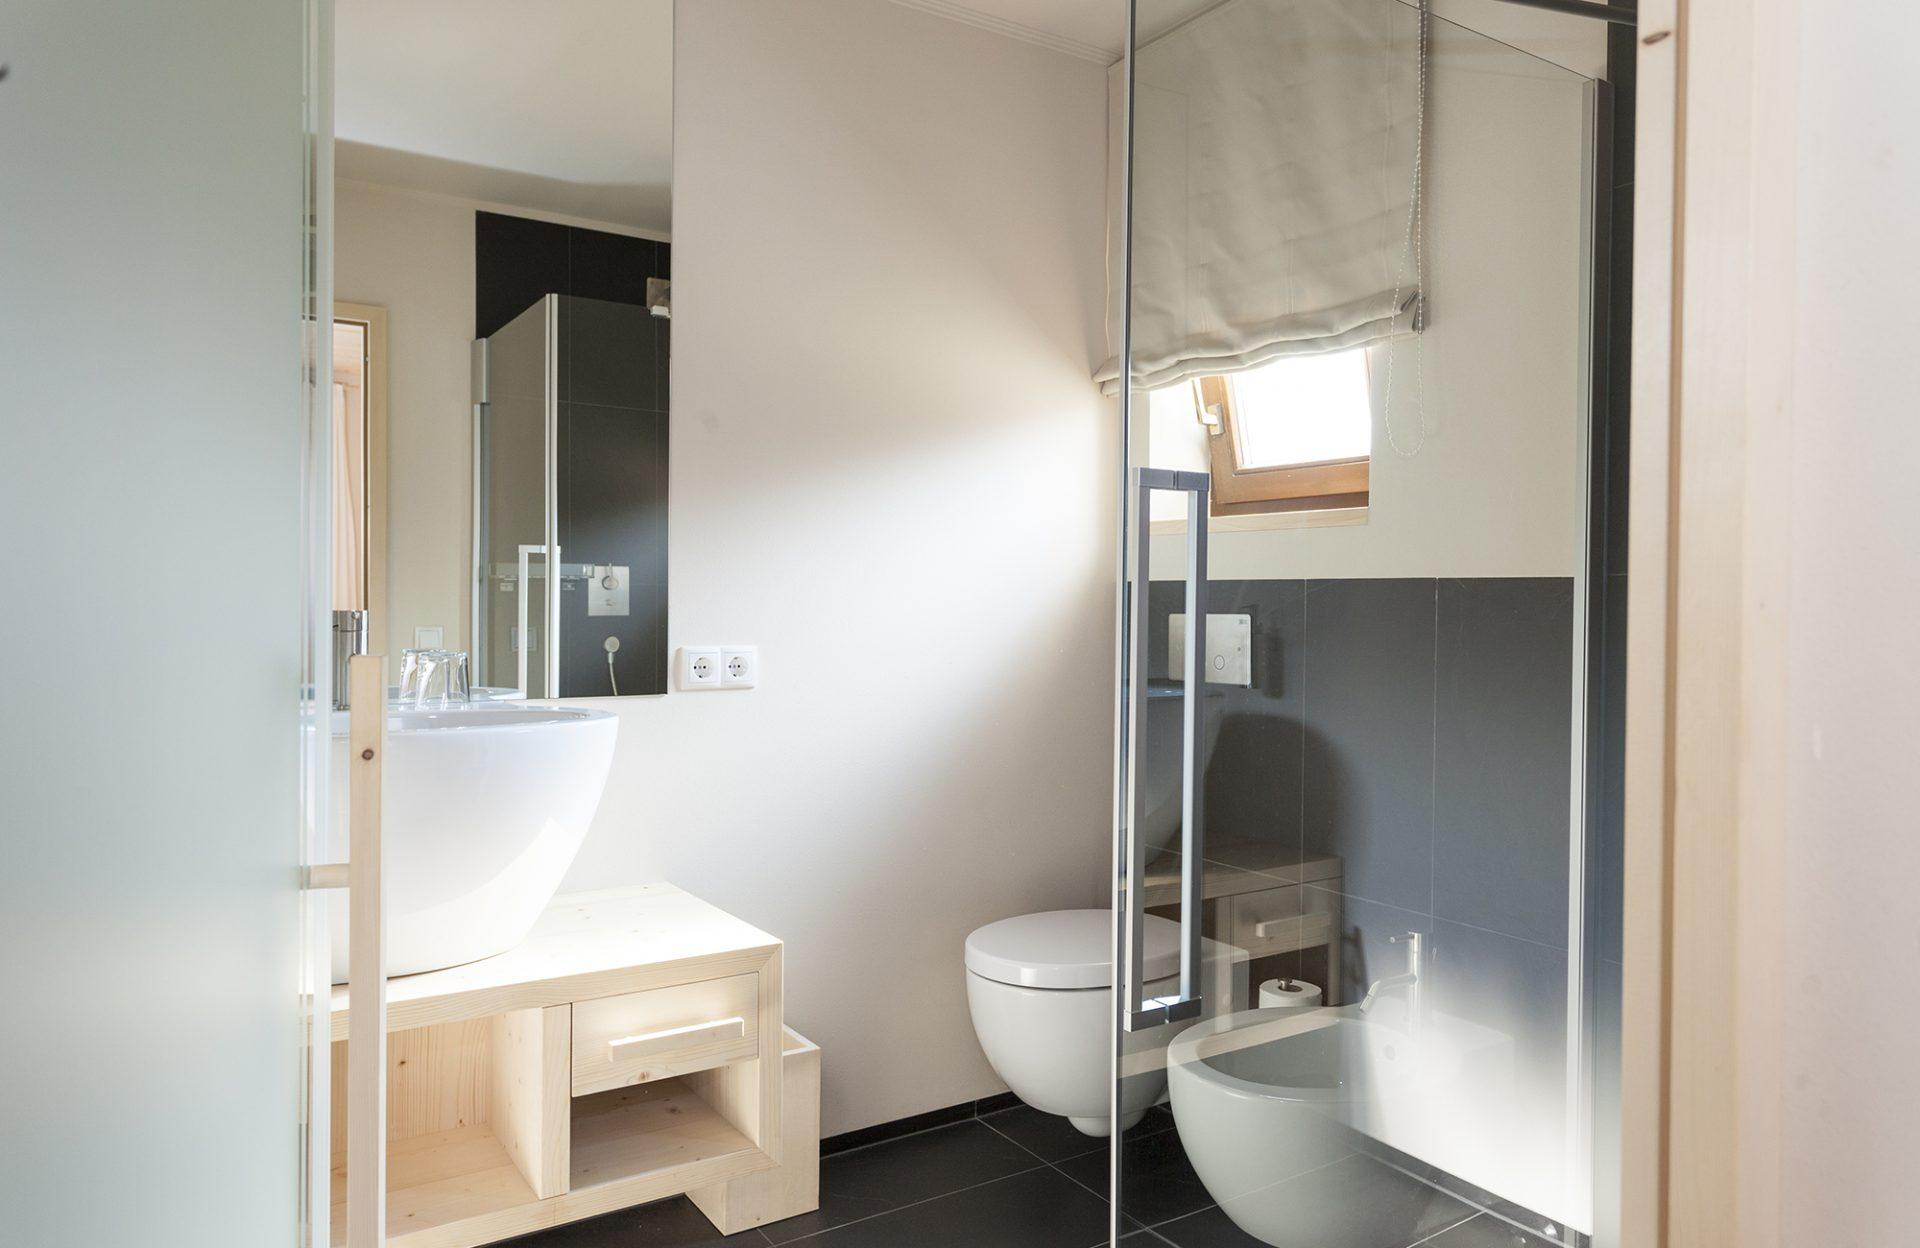 Hotel Mayr Badezimmer Waschbecken Toilette